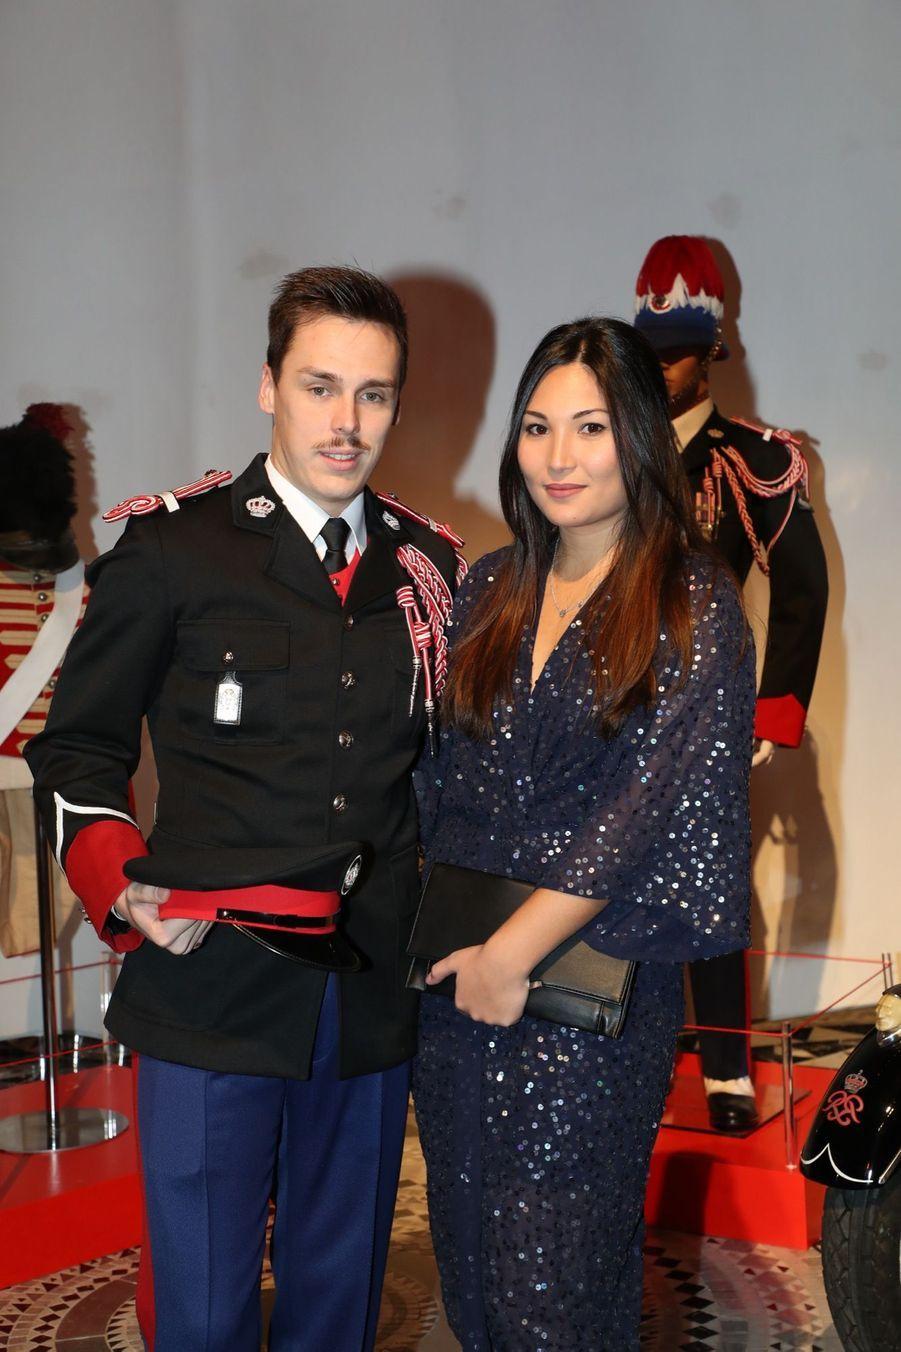 Le Prince Albert, Stéphanie De Monaco Et Louis Ducruet Au Bicentenaire Des Carabiniers 1